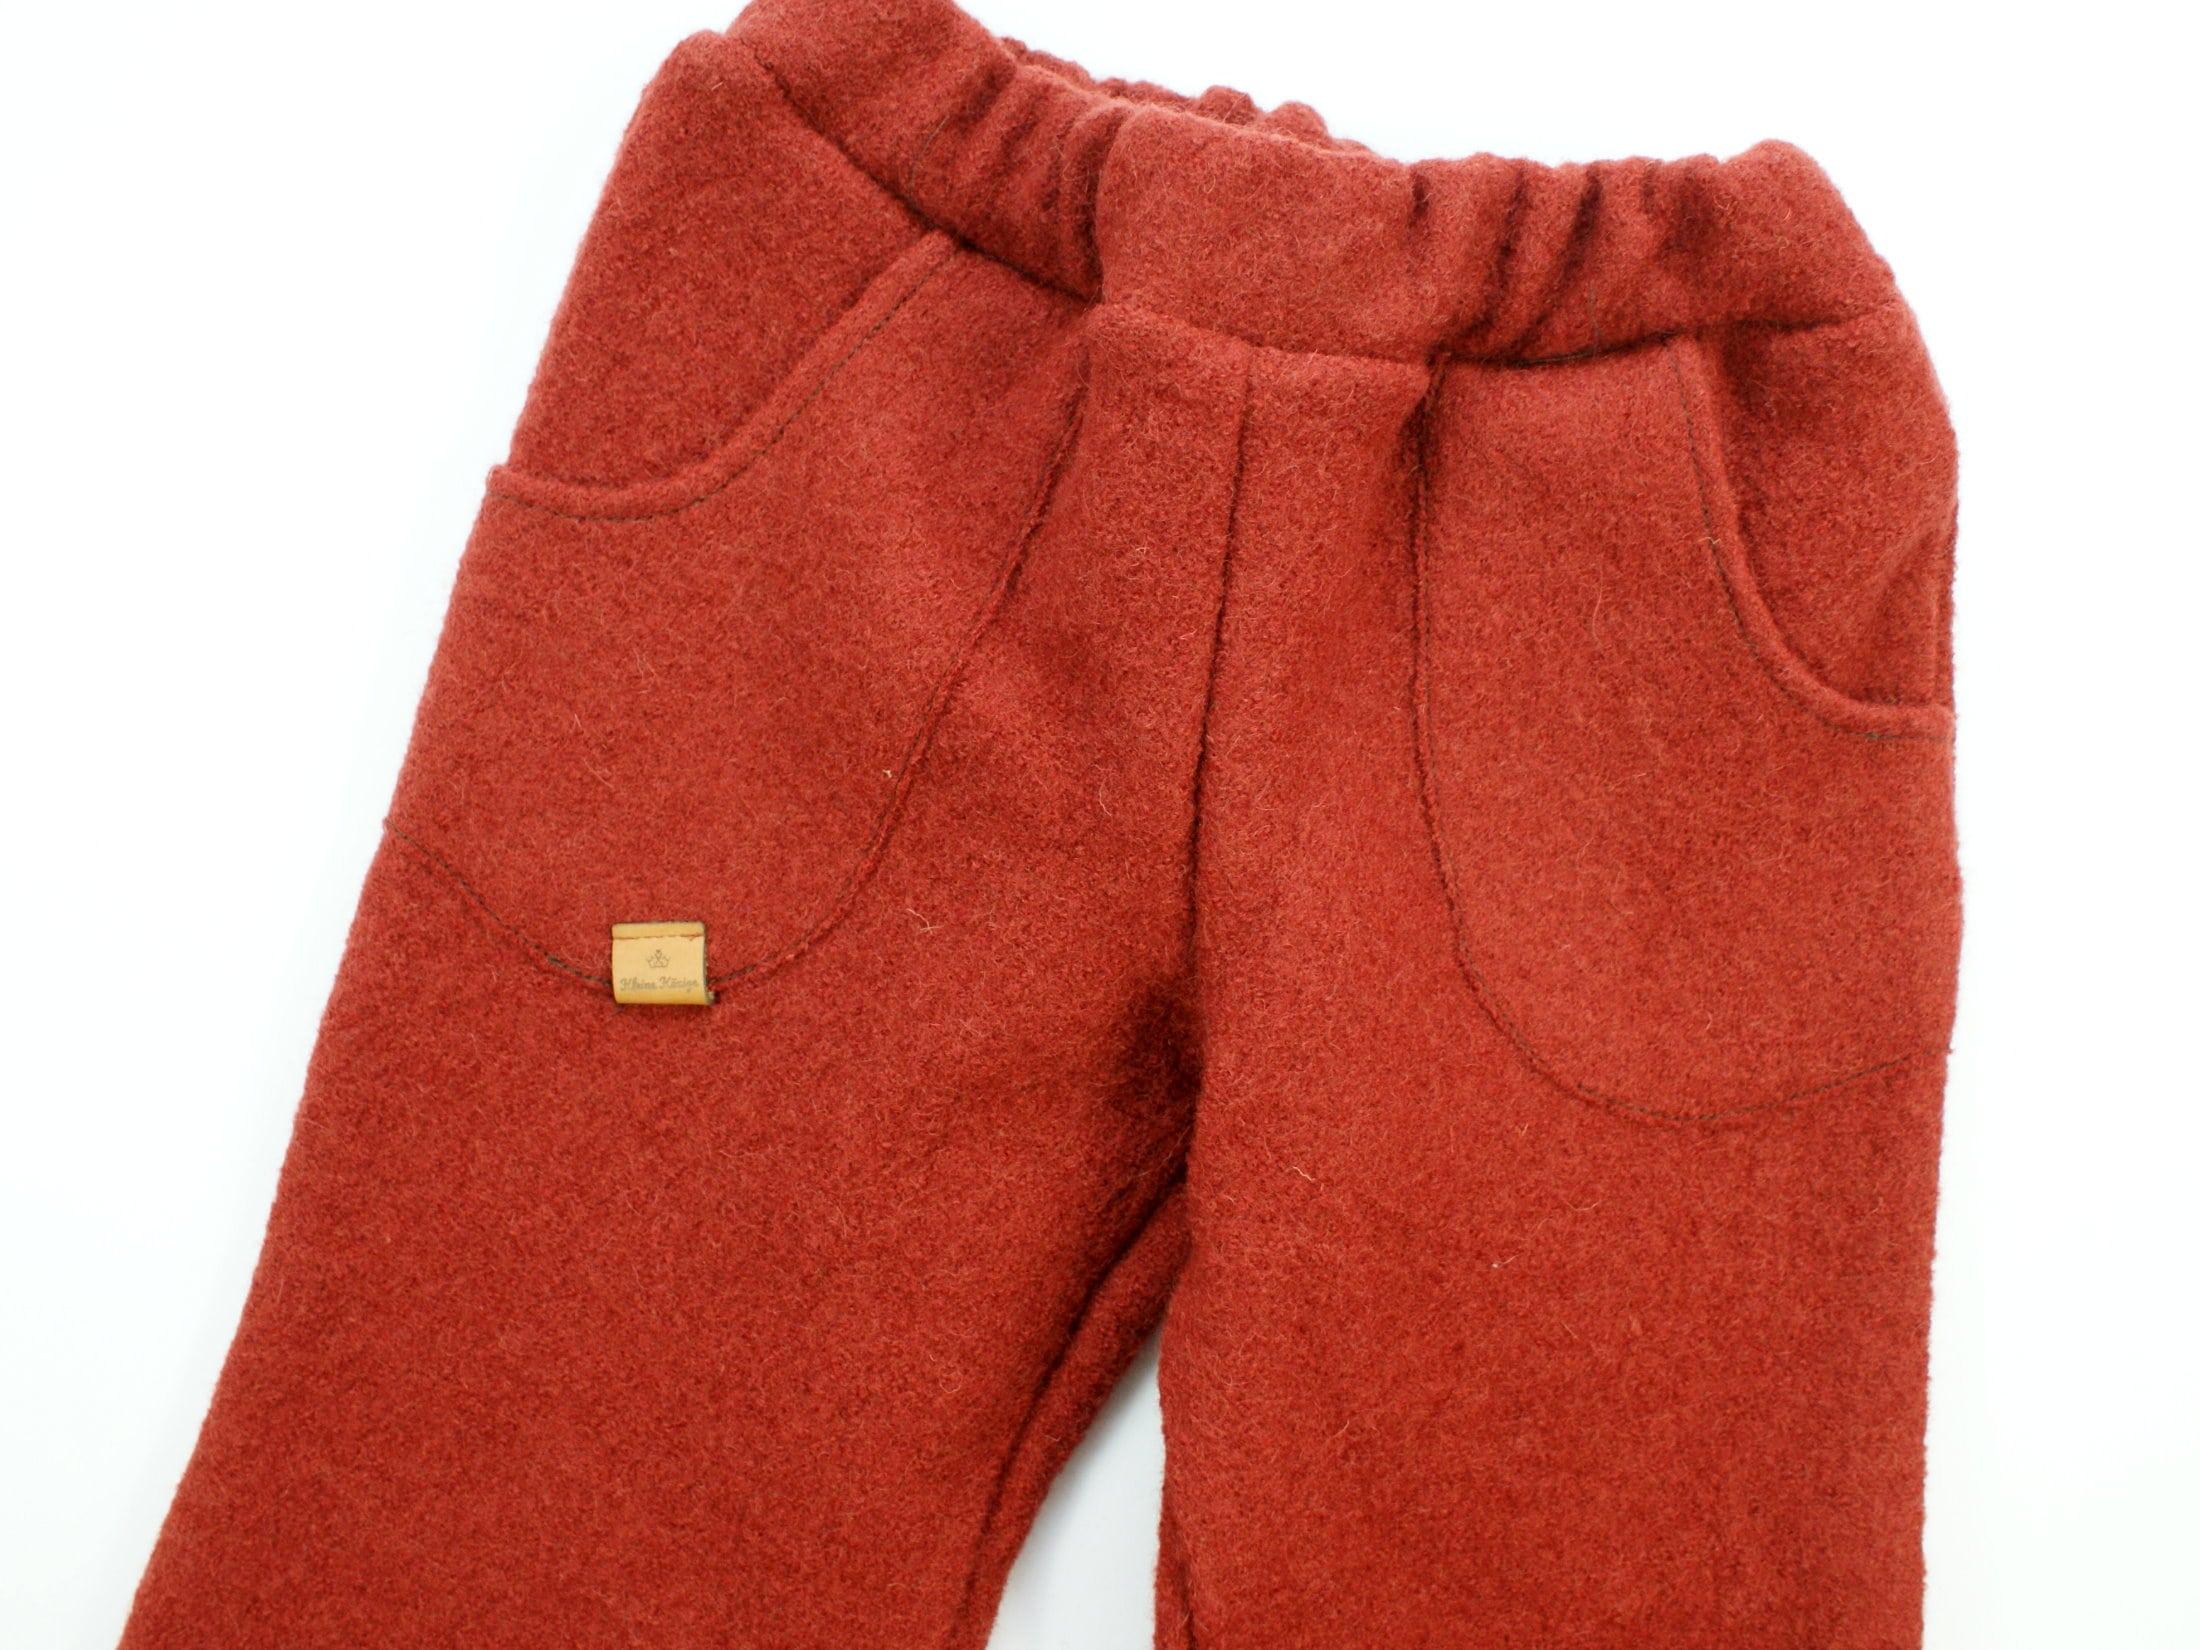 Kinderhose aus Wollwalk in Rostrot mit Gummizug und Taschen